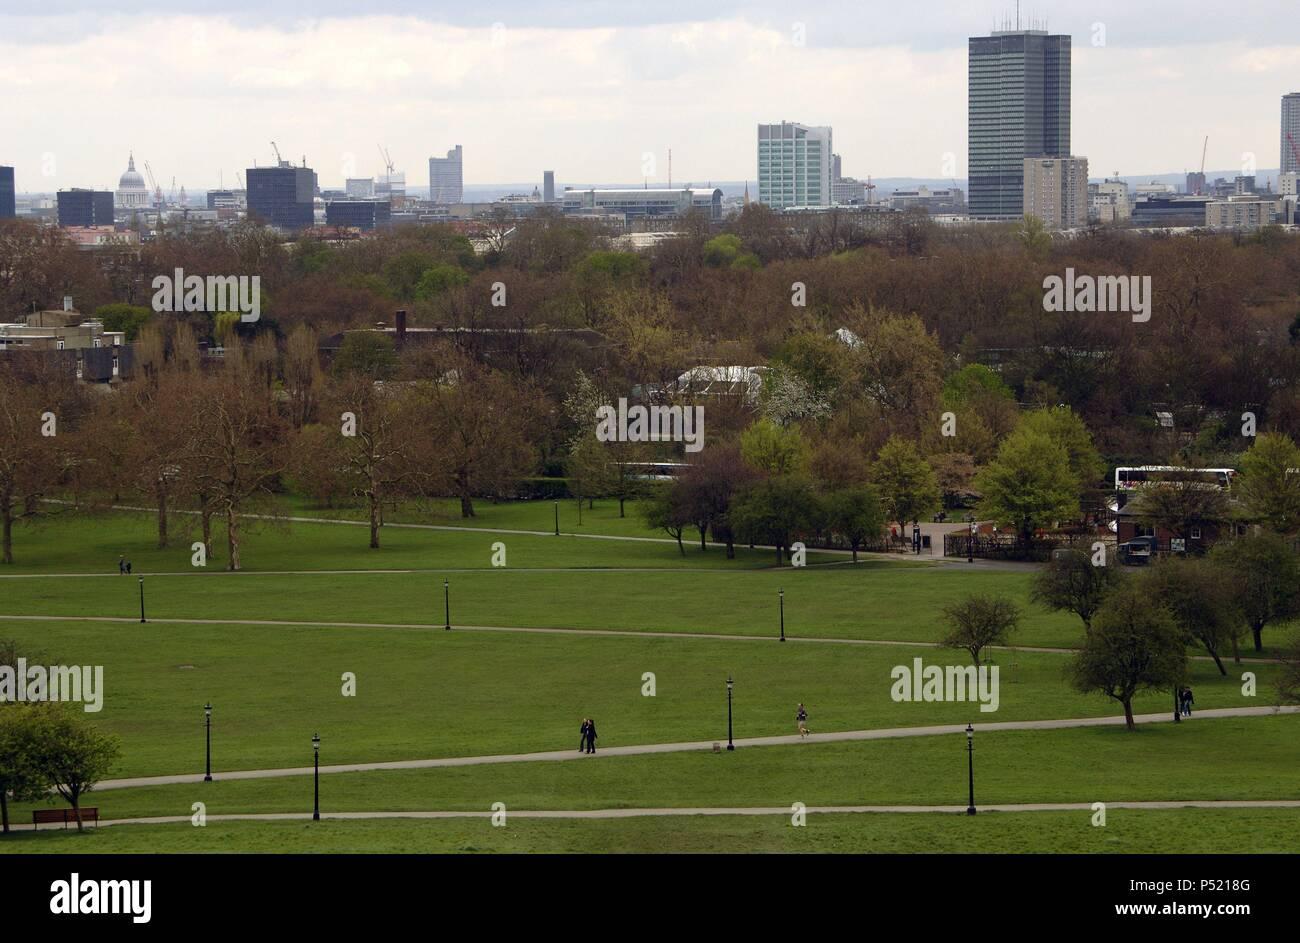 REINO UNIDO. LONDRES. Vista de la ciudad desde Primrose Hill colina situada en la parte norte de Regent's Park. Inglaterra. Foto de stock